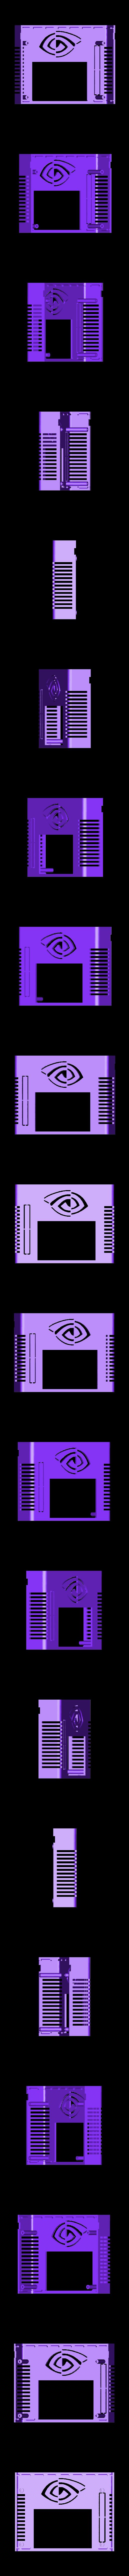 NanoBox_Top_v21.stl Télécharger fichier STL gratuit Étui Jetson Nano • Objet pour imprimante 3D, ecoiras